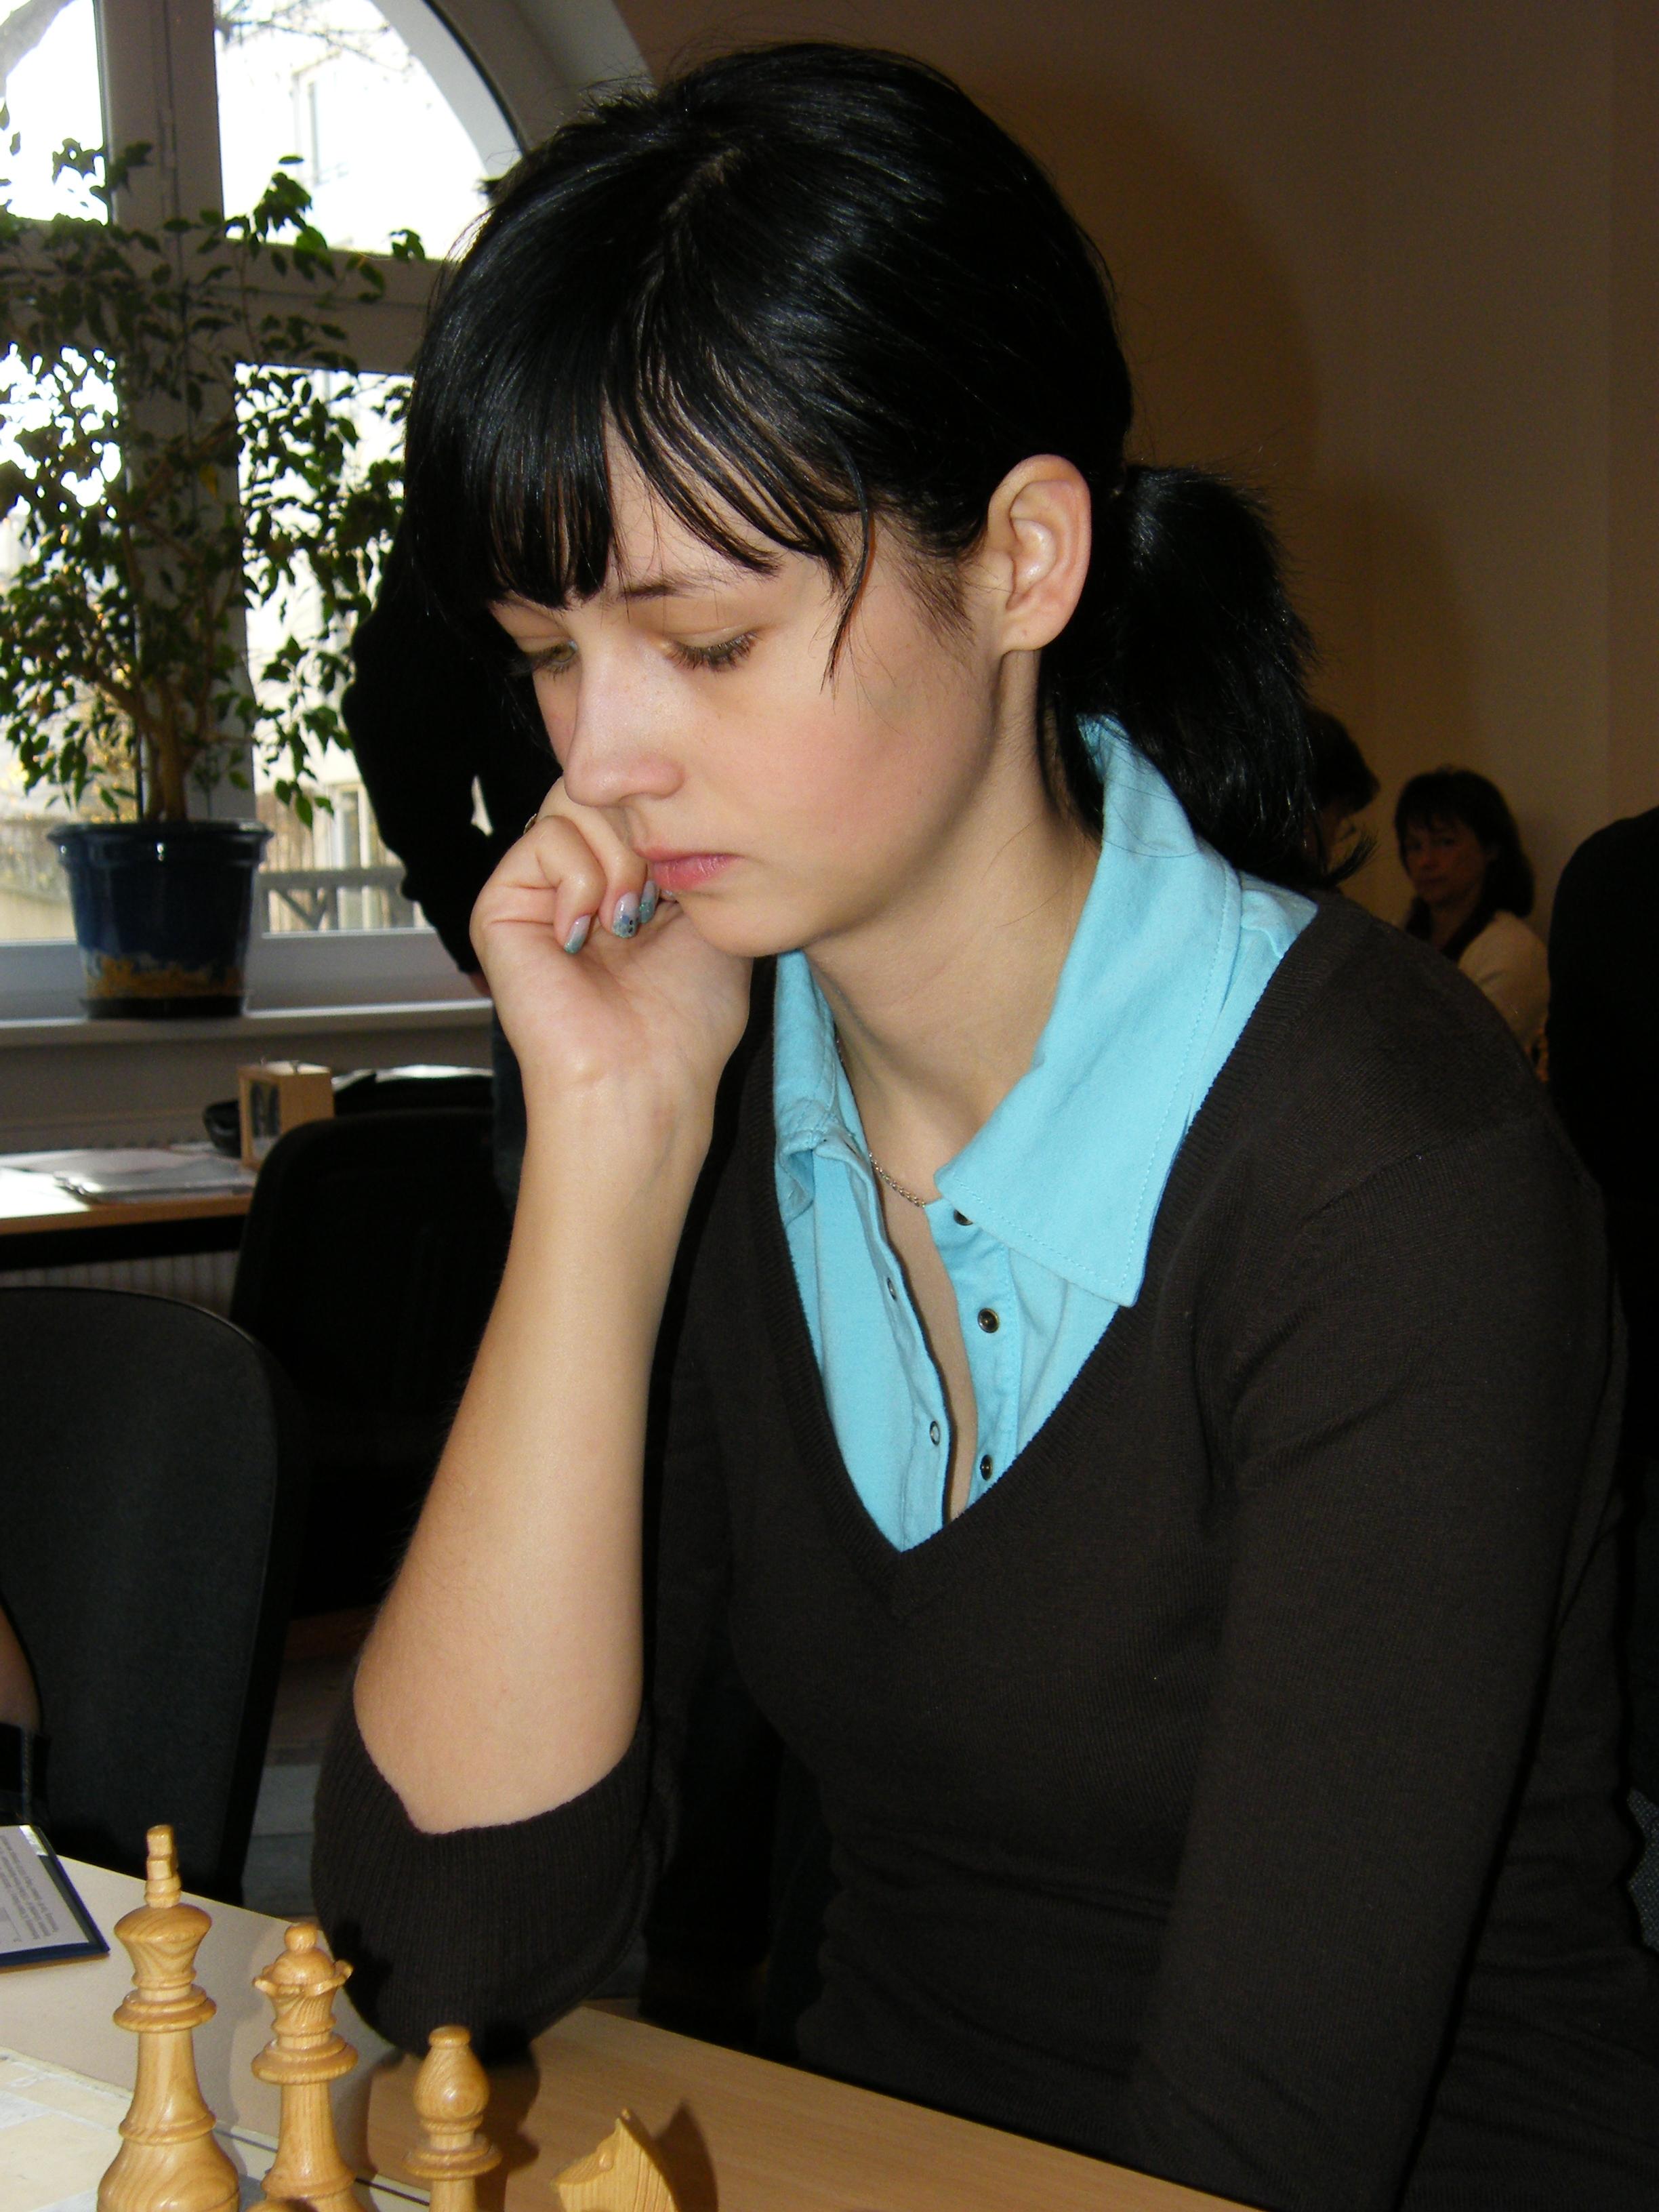 szczepkowska-horowska_karina_20081109_berlin_frauen-bundesliga.jpg